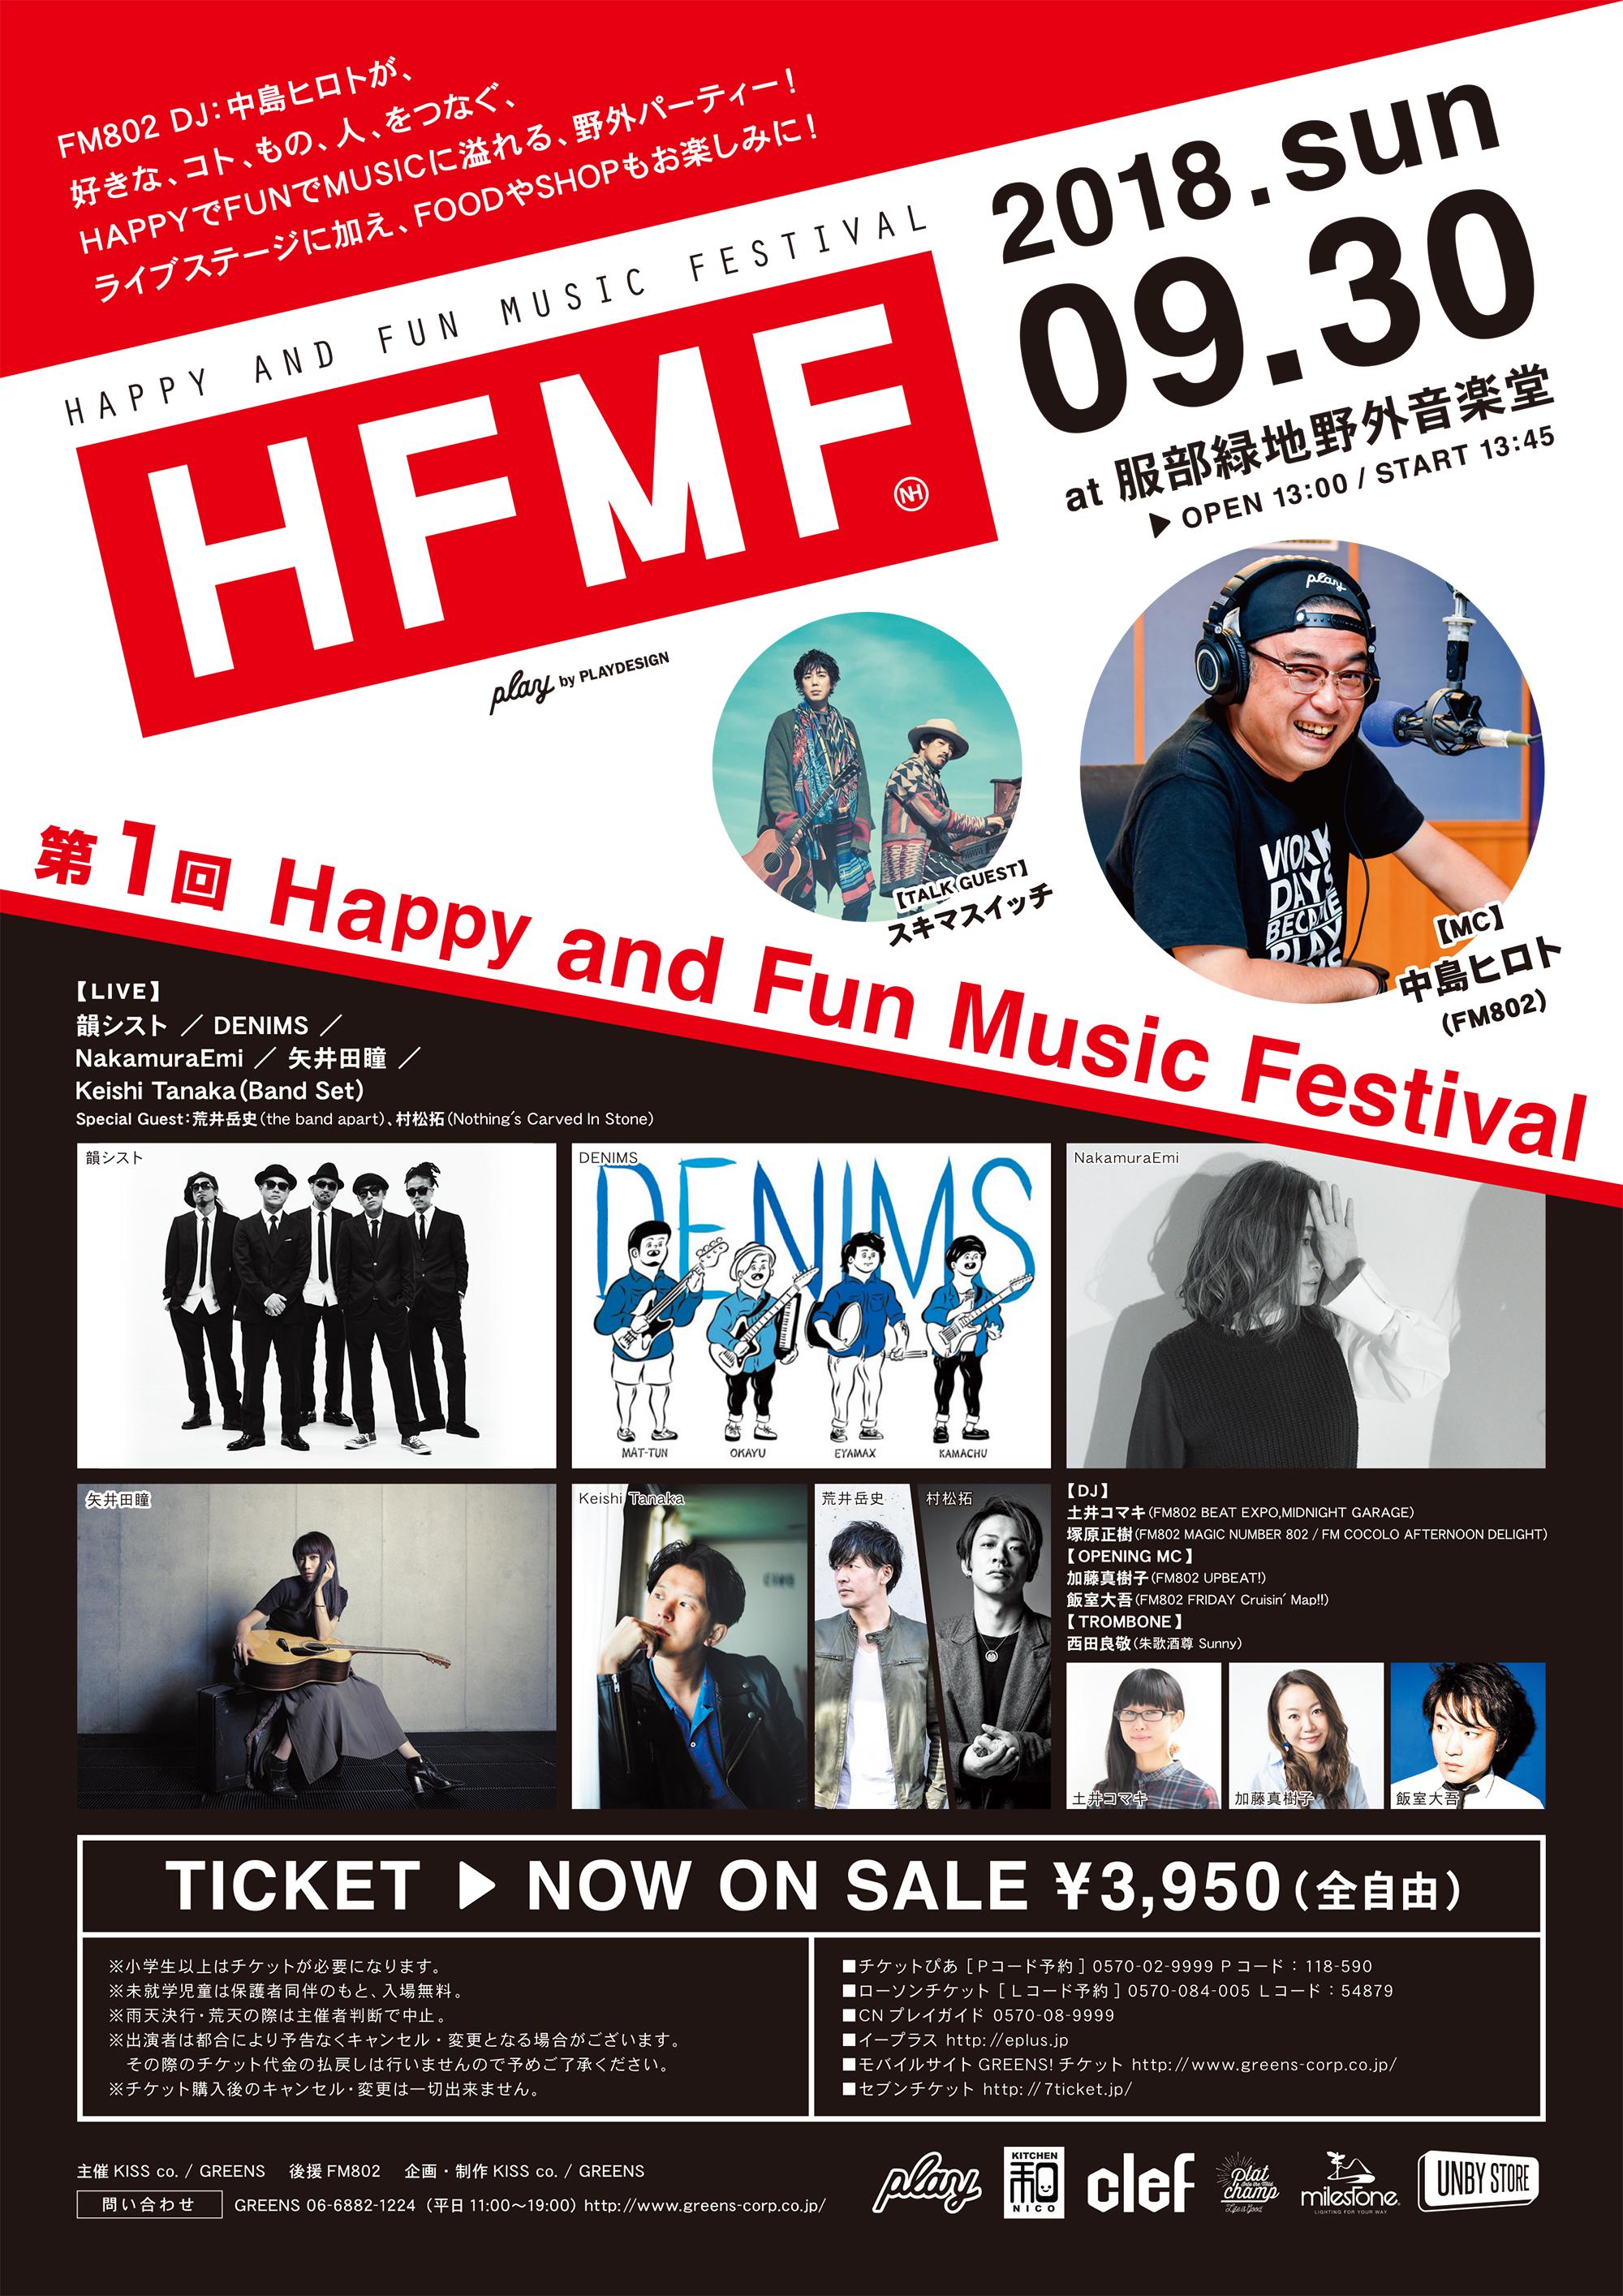 hfmf_2000